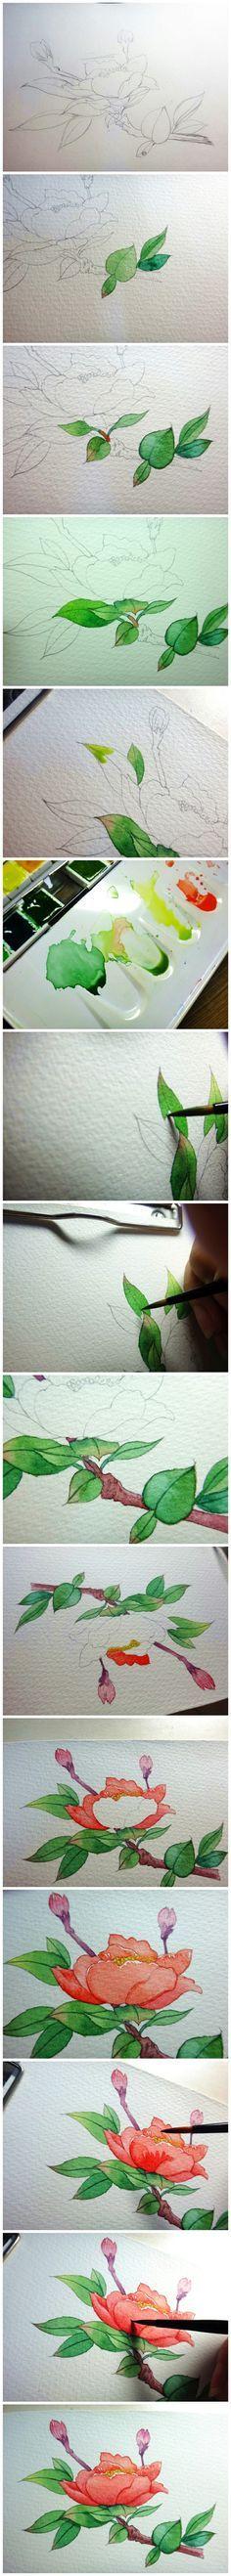 """水彩小过程 First you need a drawing/outline. Then comes the painting... """"how to"""" in pictures. Looks like something i need to try!"""